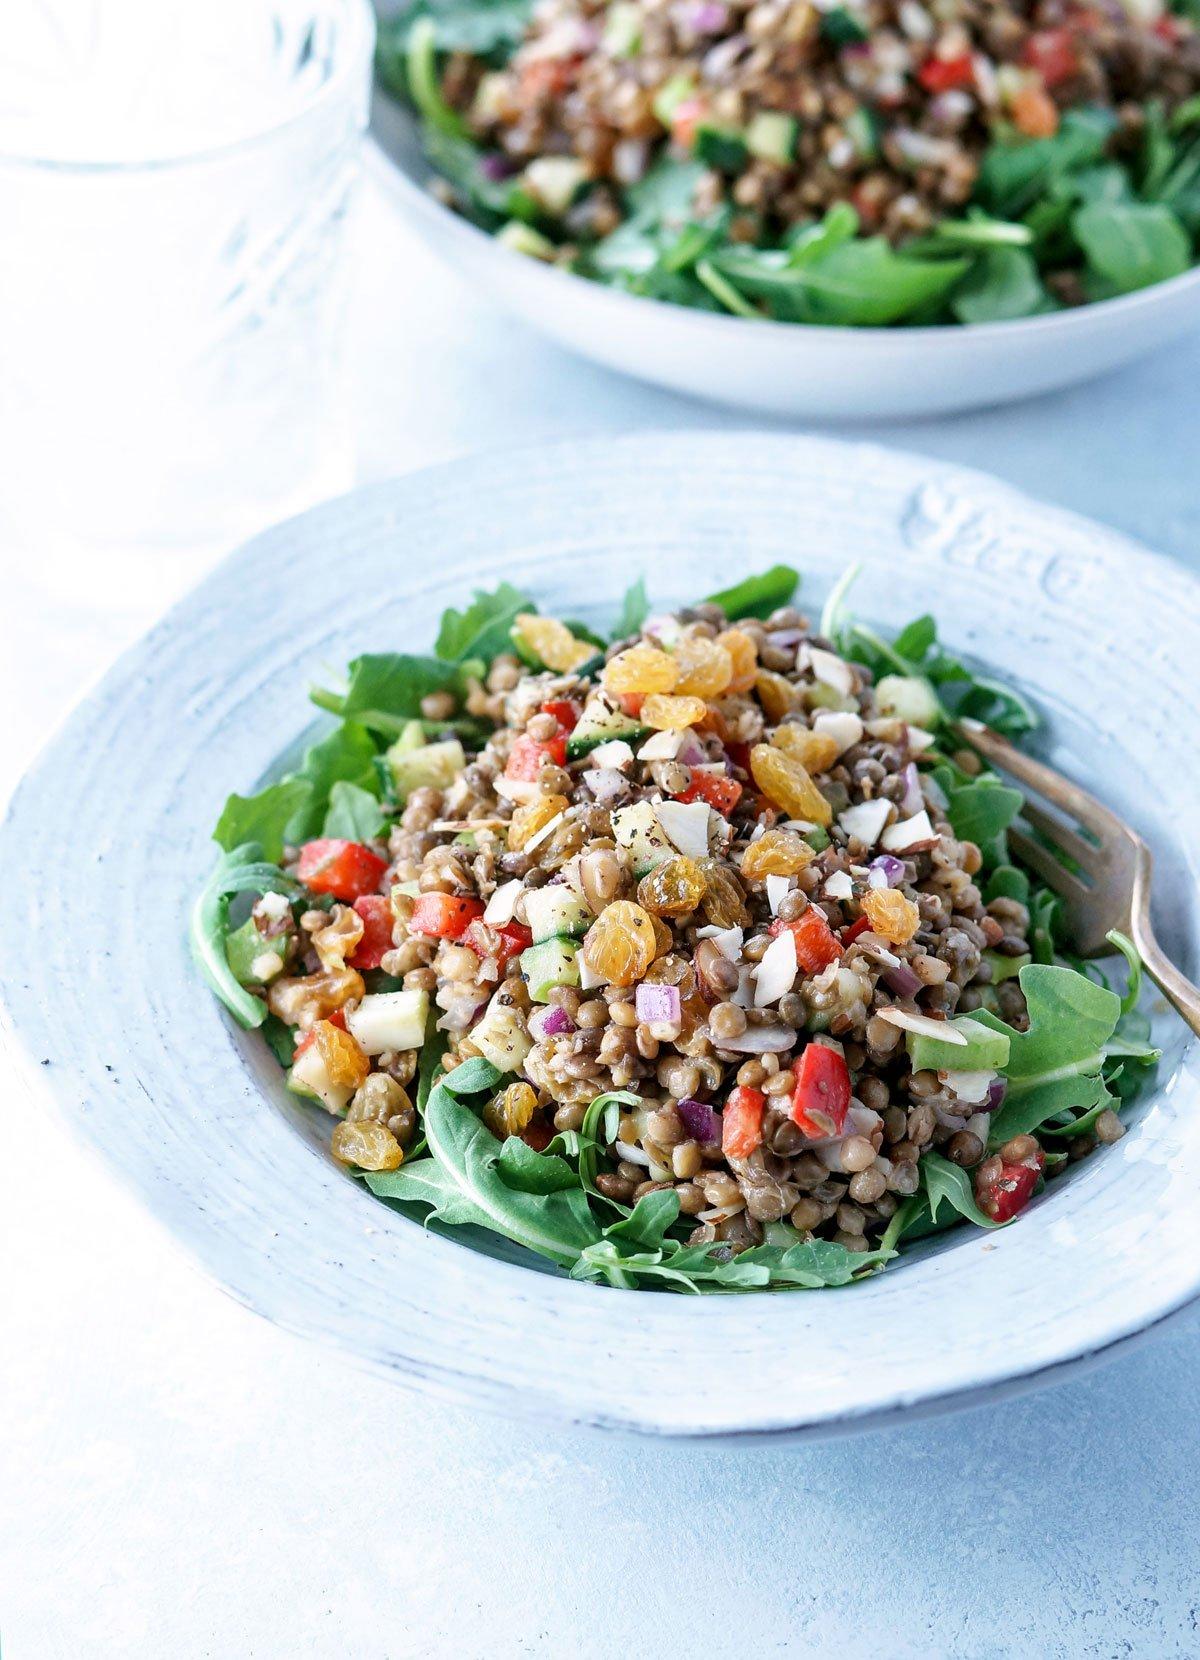 bowl of lentil potluck salad with a fork